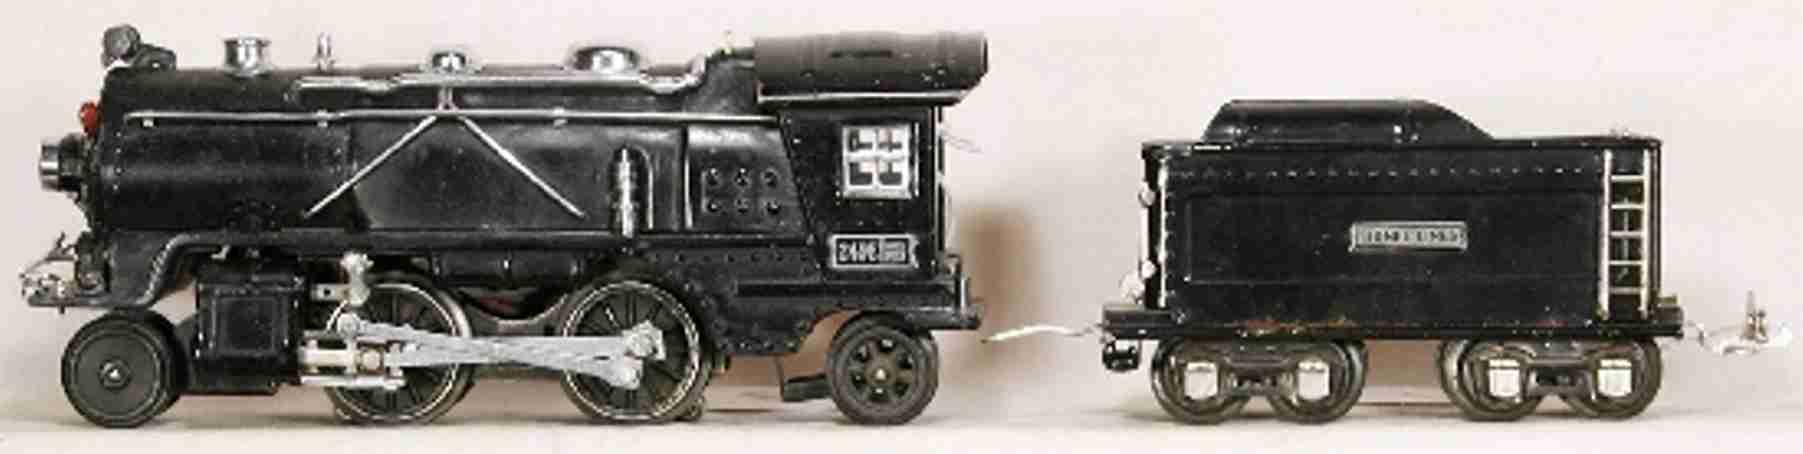 lionel 249e spielzeug eisenbahn dampflokomotive tender 265t spur 0